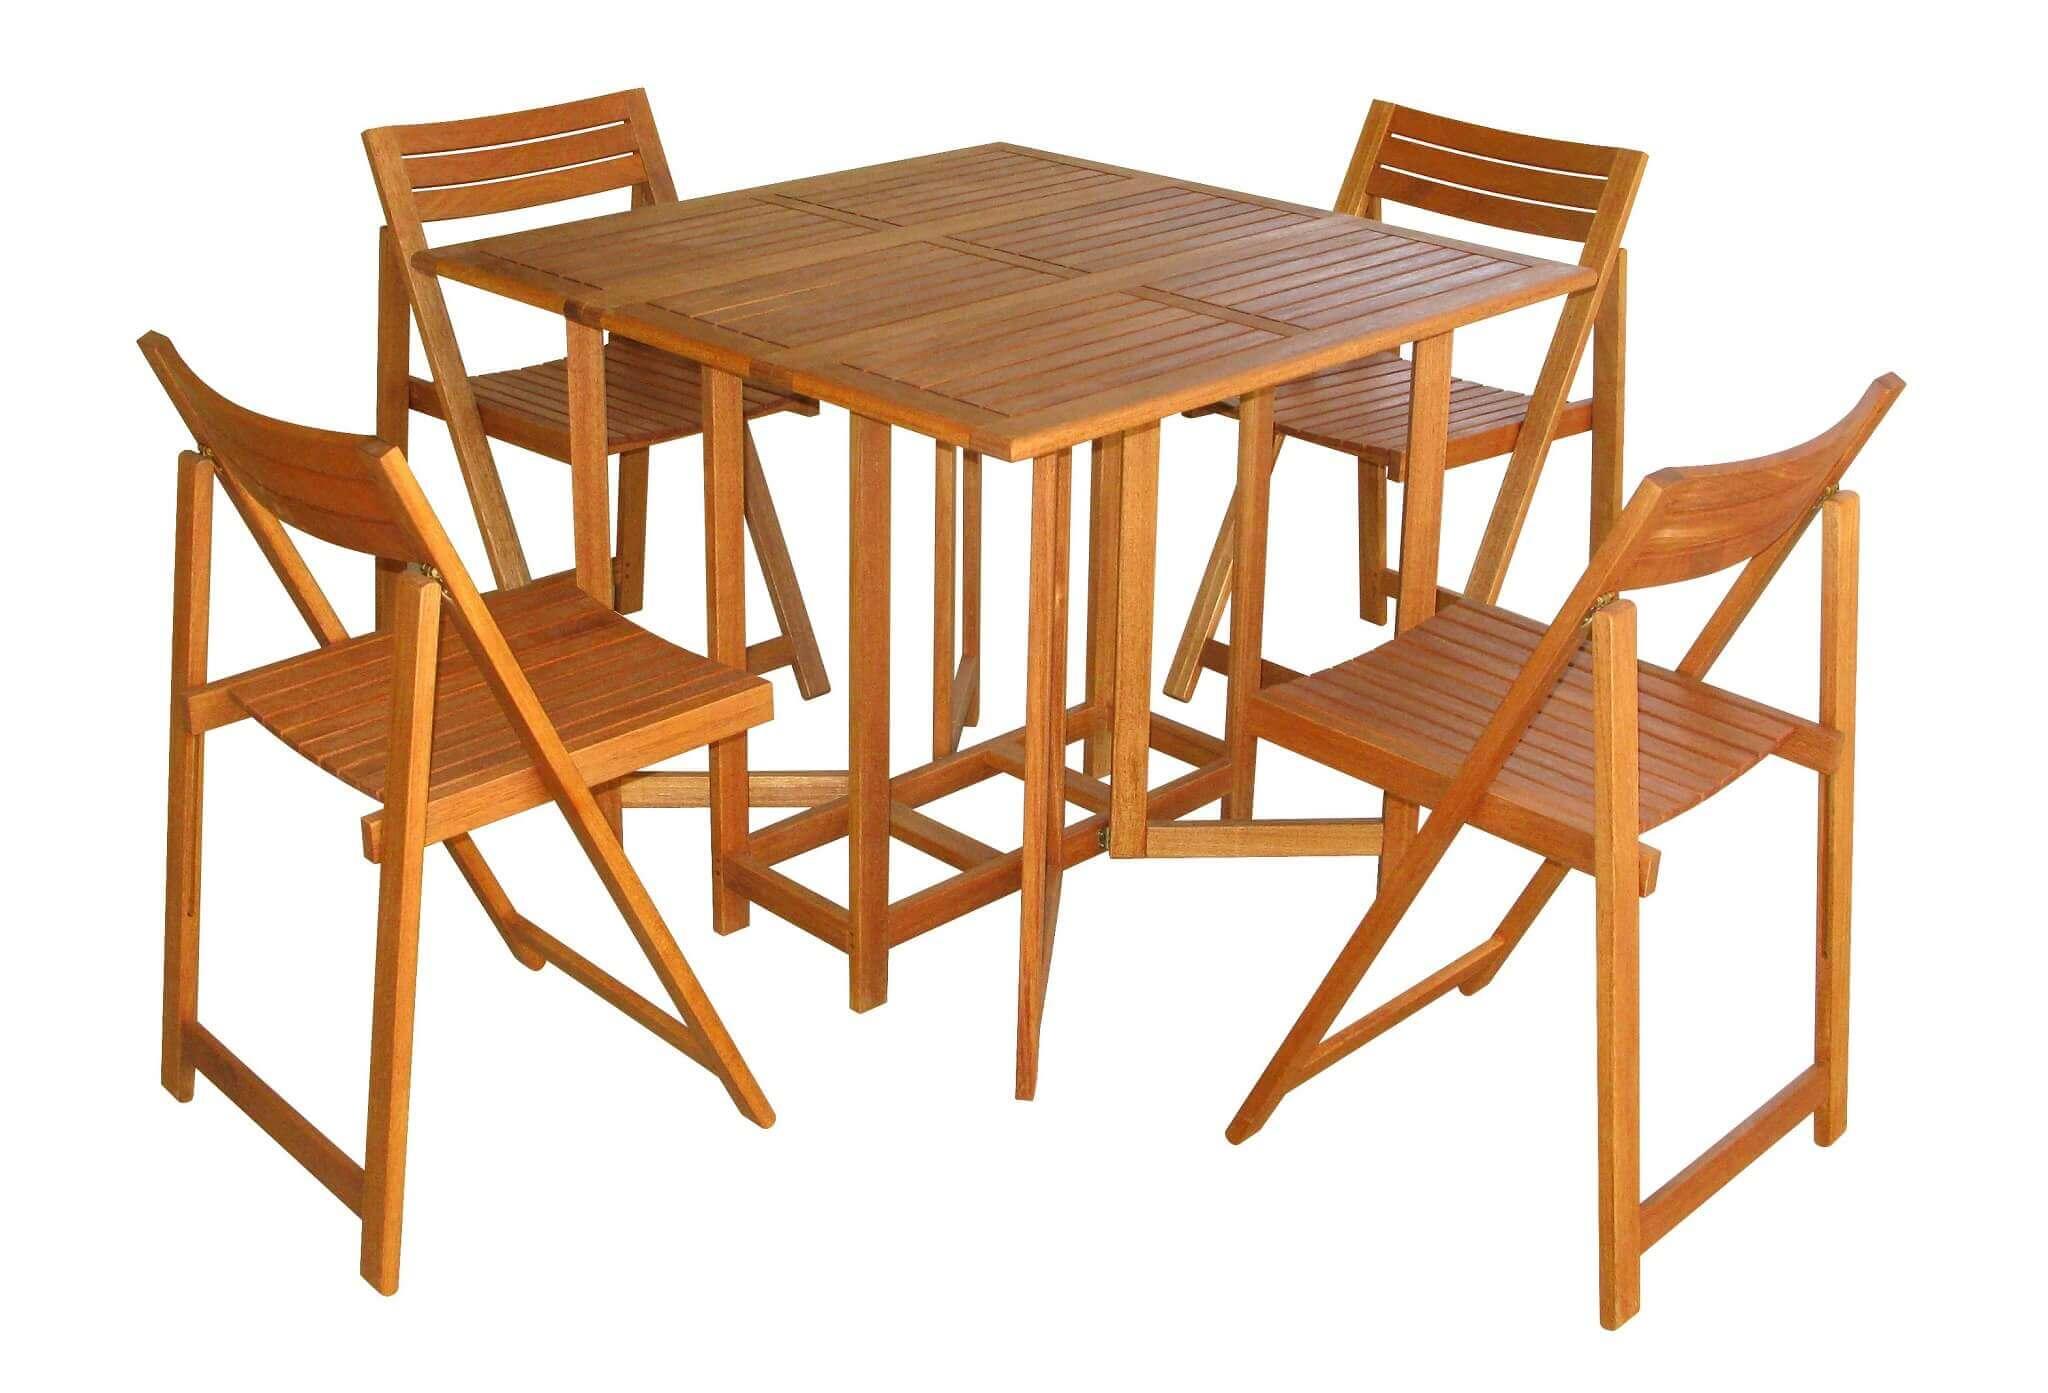 milani home insula - set tavolo da giardino pieghevole salvaspazio completo  di 4 sedie in legno massiccio di acacia